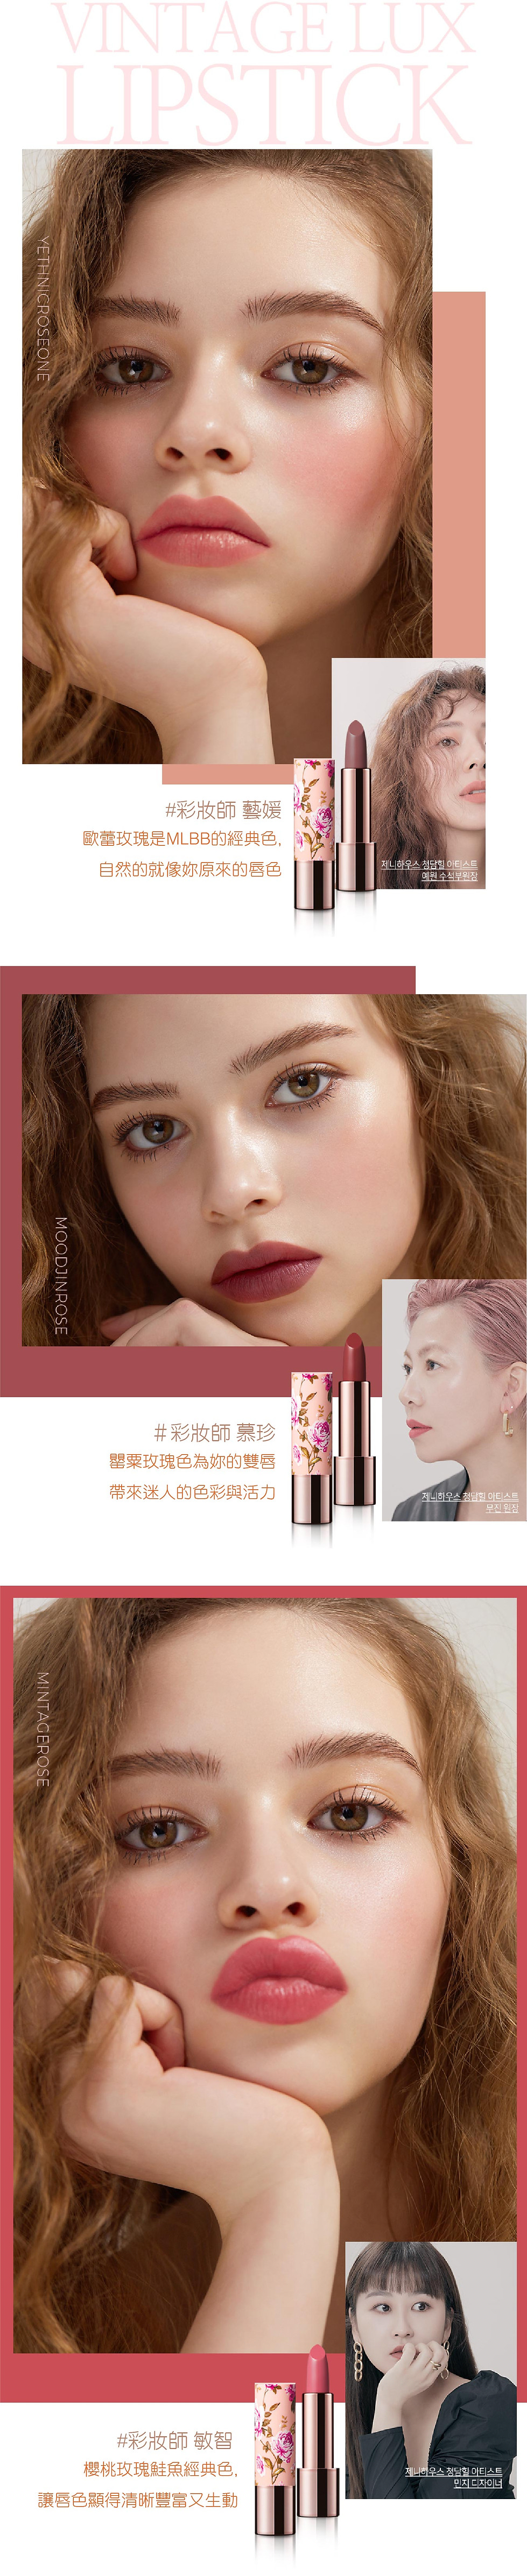 韓國化妝品網站長圖-5-02.jpg